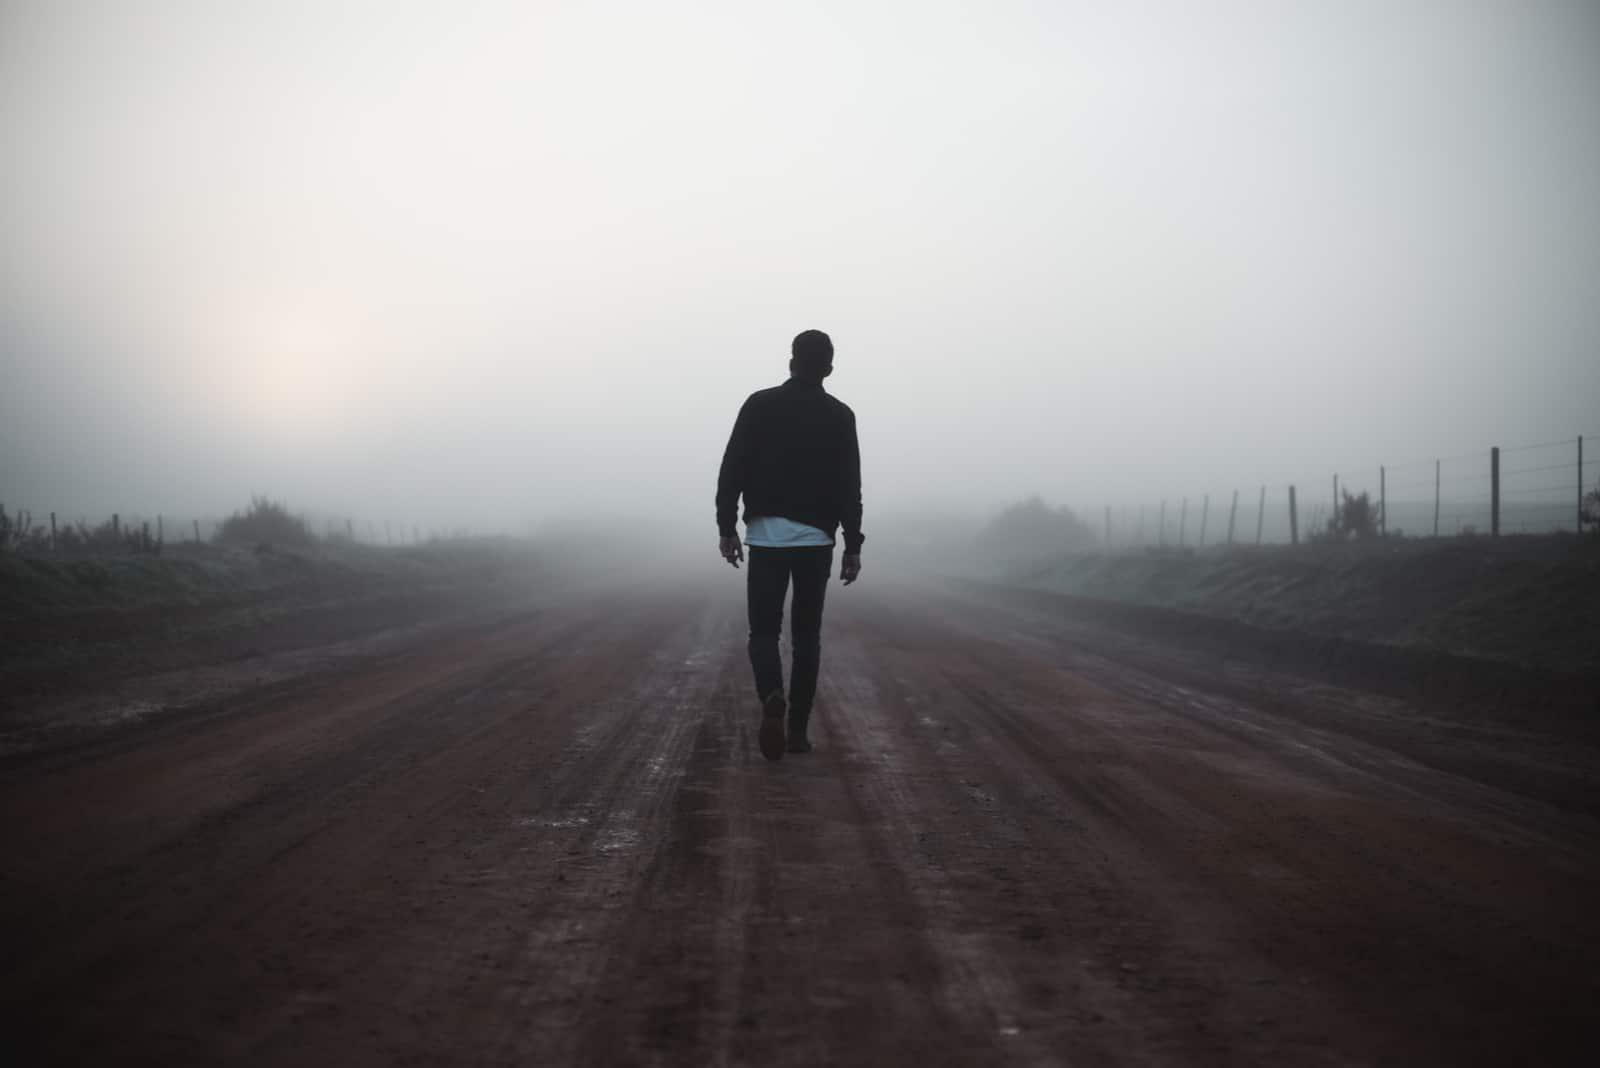 Mann, der auf nebliger Straße weggeht